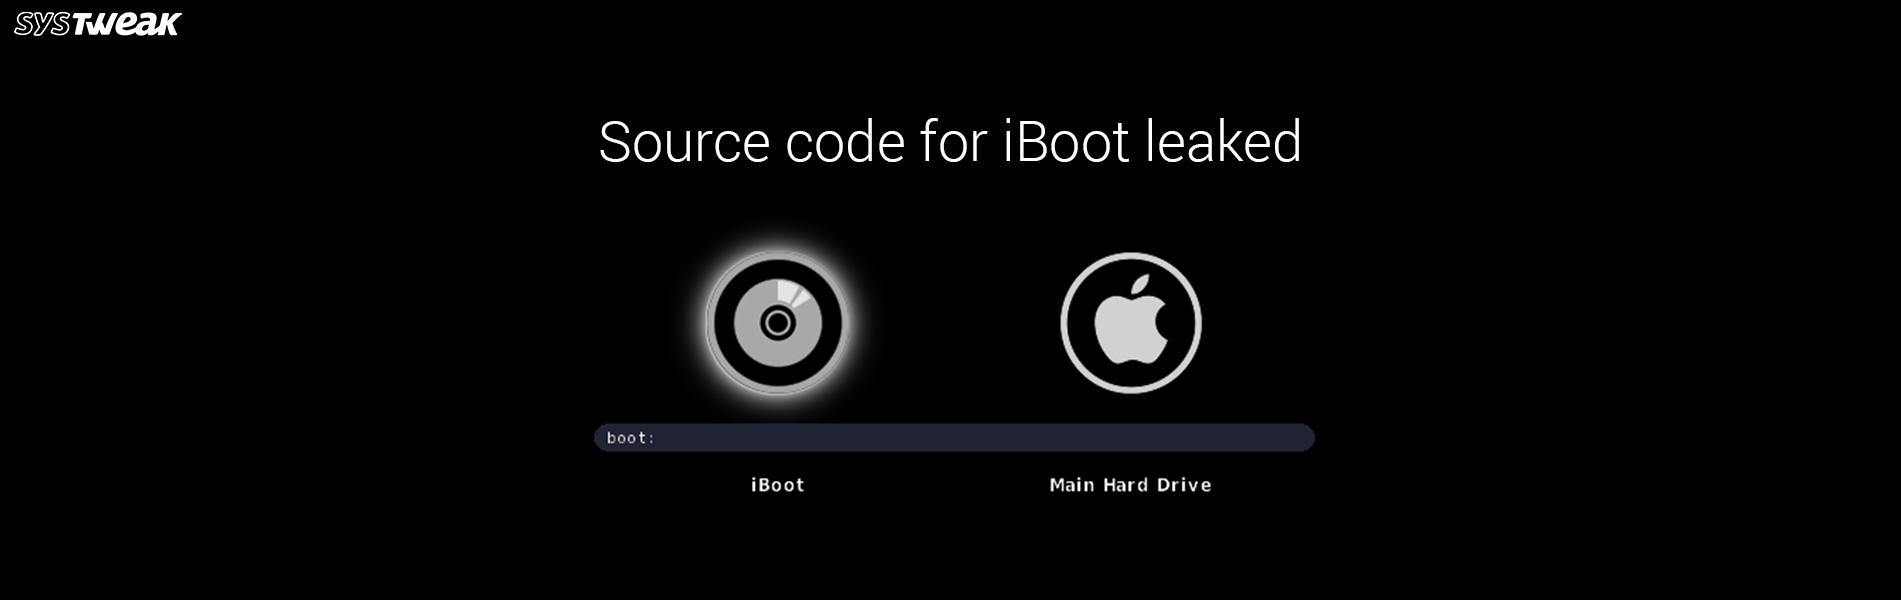 سورس کد منتشر شده آیفون در GitHub، توسط کار آموز سابق اپل به بیرون درز کرده است!!